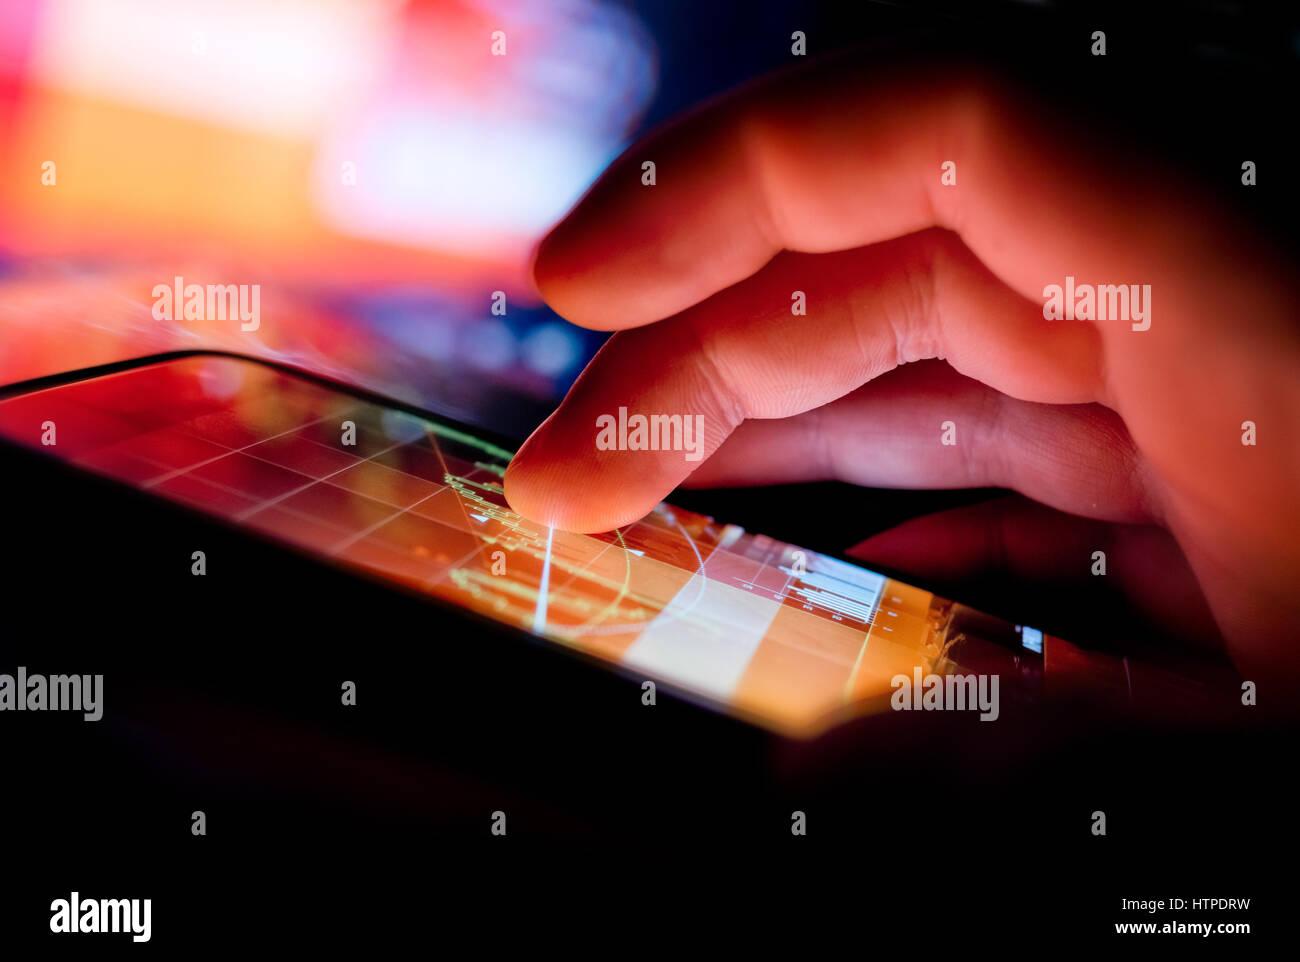 Una persona con un dispositivo portátil para mostrar los datos de su empresa. Concepto de tecnología móvil. Imagen De Stock